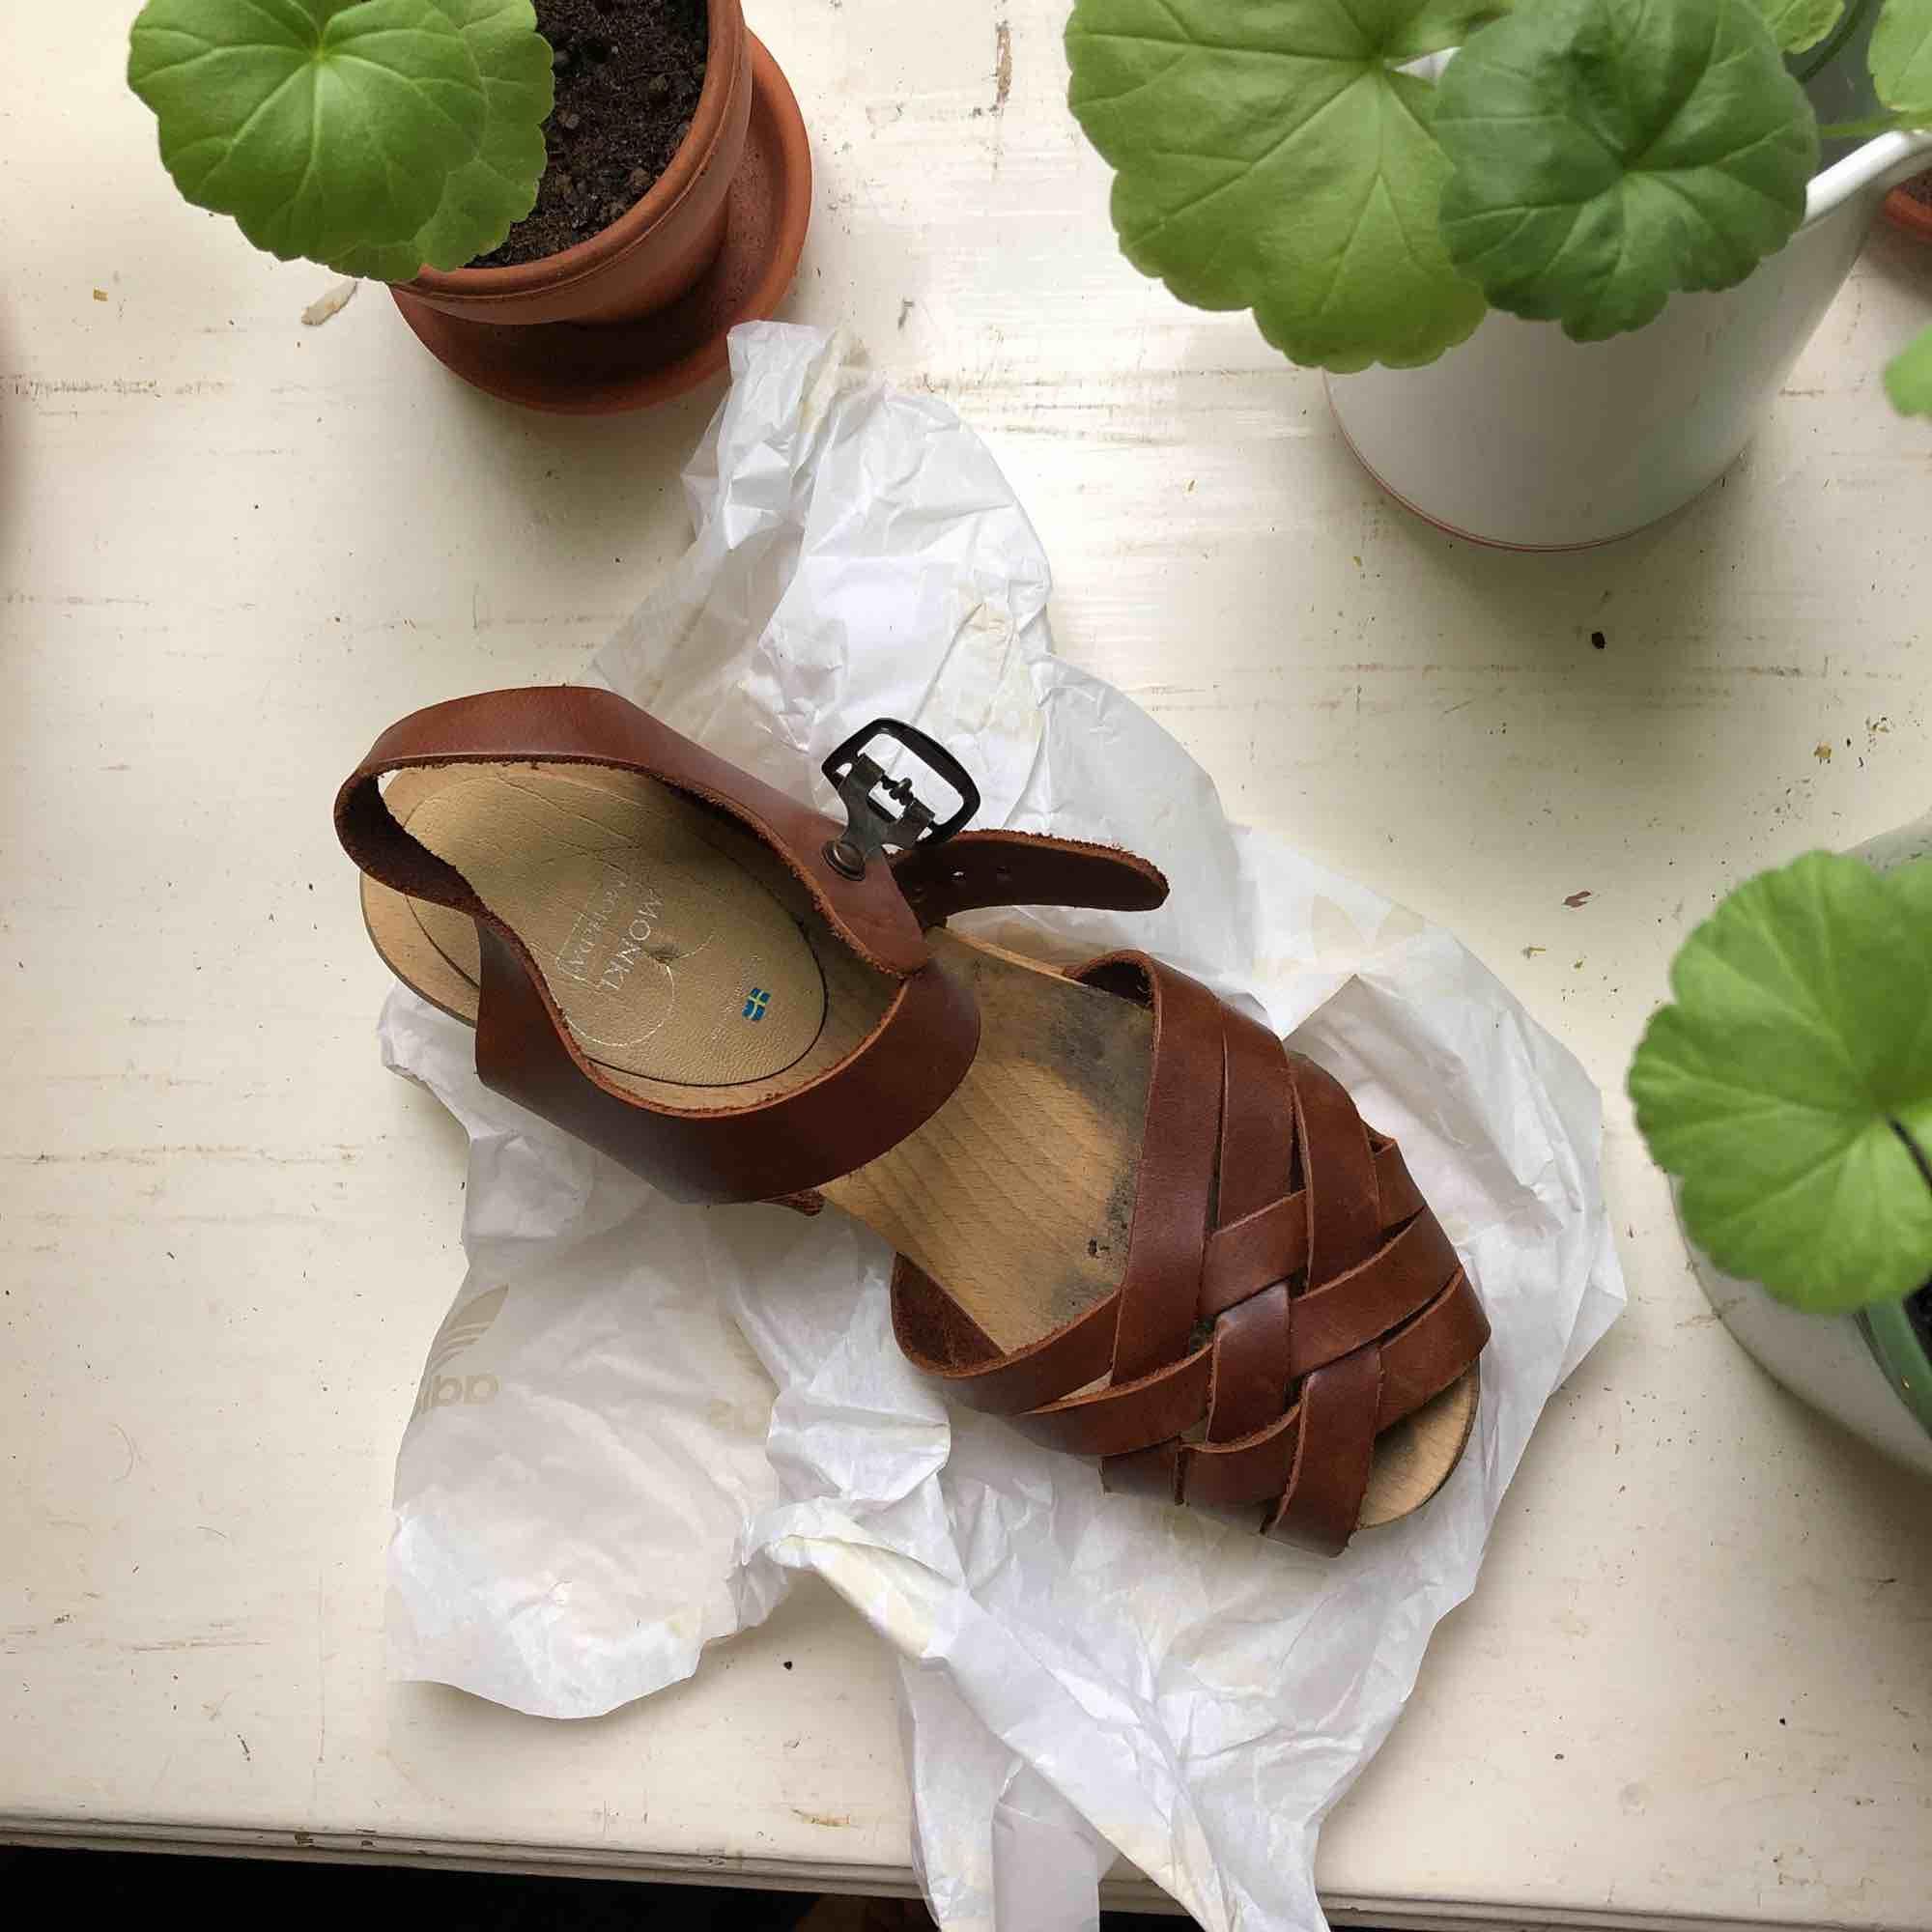 Jättefina träskor i äkta läder, gjorda i Sverige. Är så somriga! Nyköpta 500:- Använda två gånger Smörjer dem innan de skickas!✨ (Frakt ingår i priset). Skor.